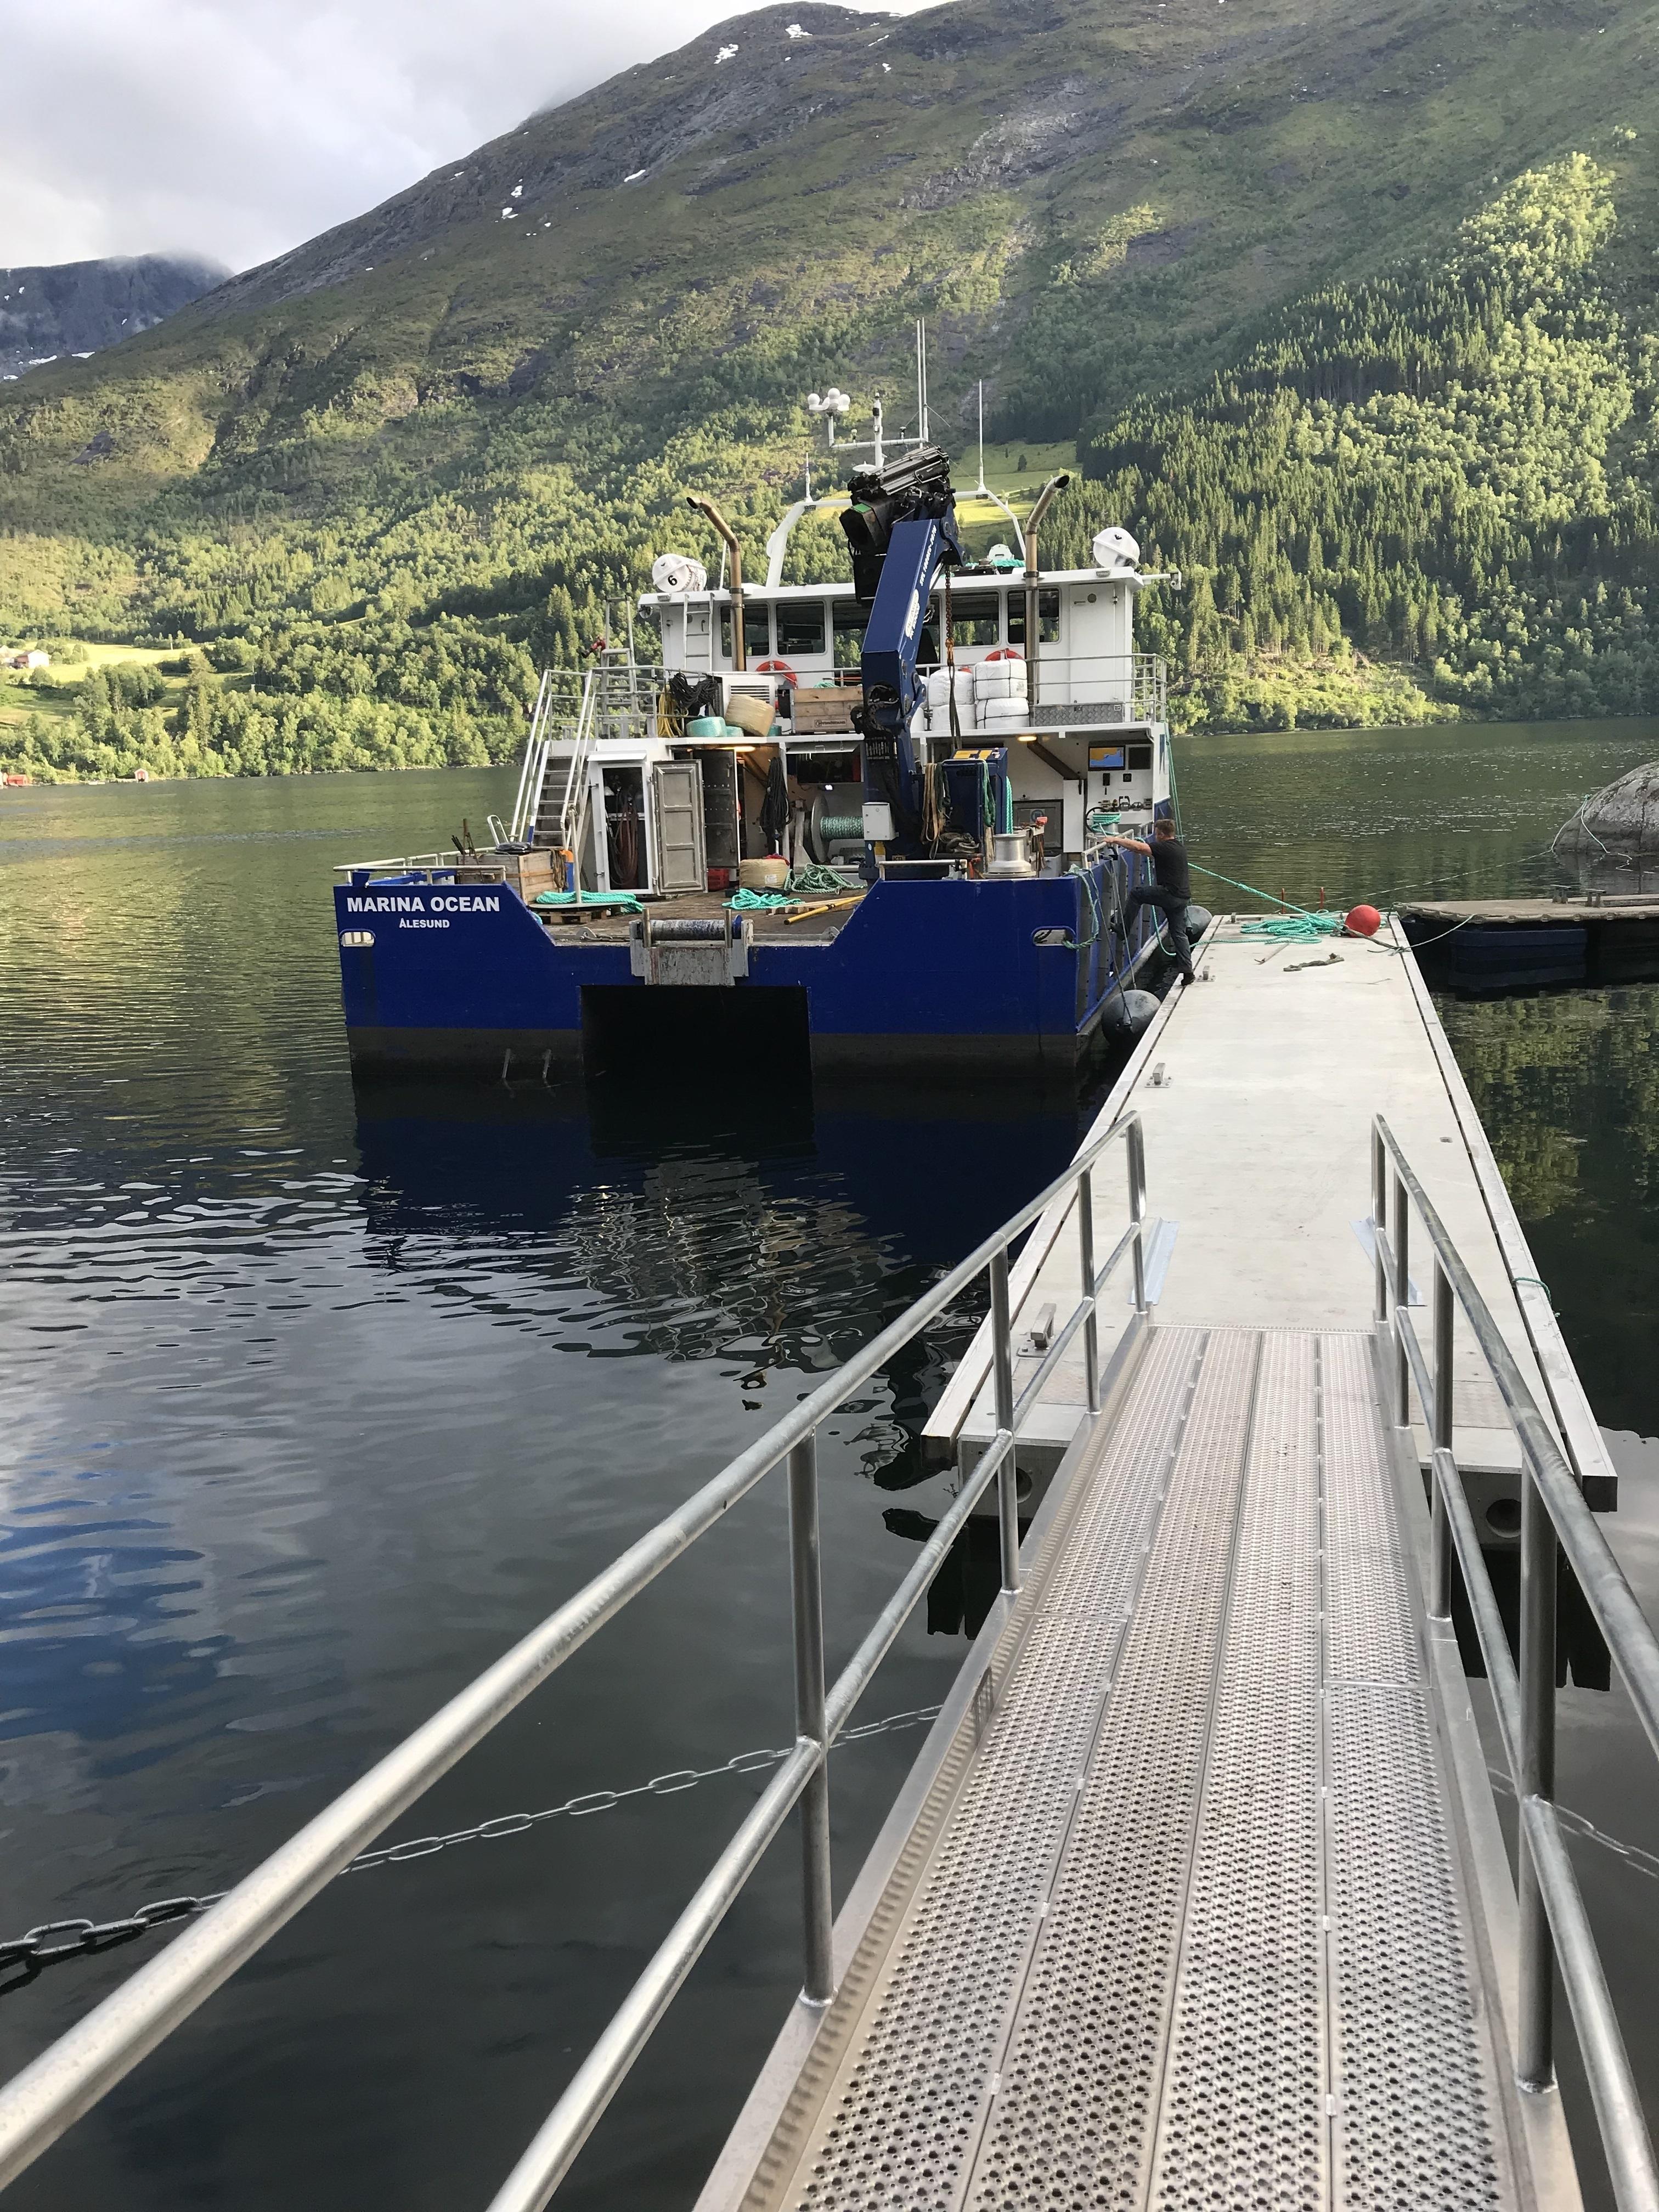 https://www.marinasolutions.no/uploads/Årsetøya-Volda-kommune-Marina-Solutions-6.jpg